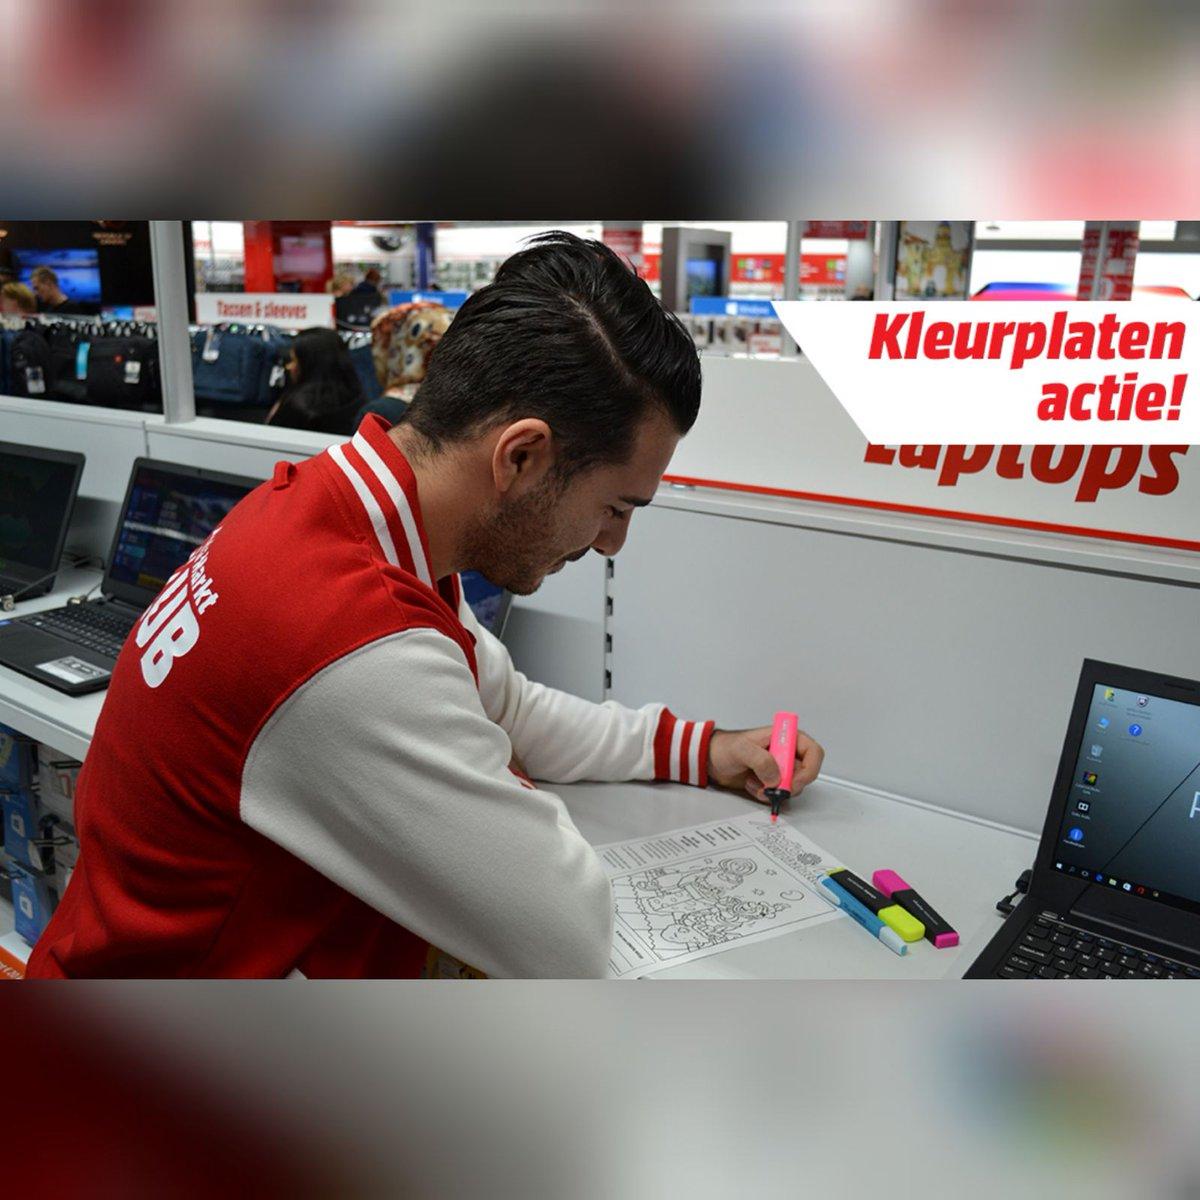 Kleurplaten Computer Kleuren.Mediamarktdenhaag On Twitter Ben Jij Tot 10 Jaar Oud Met